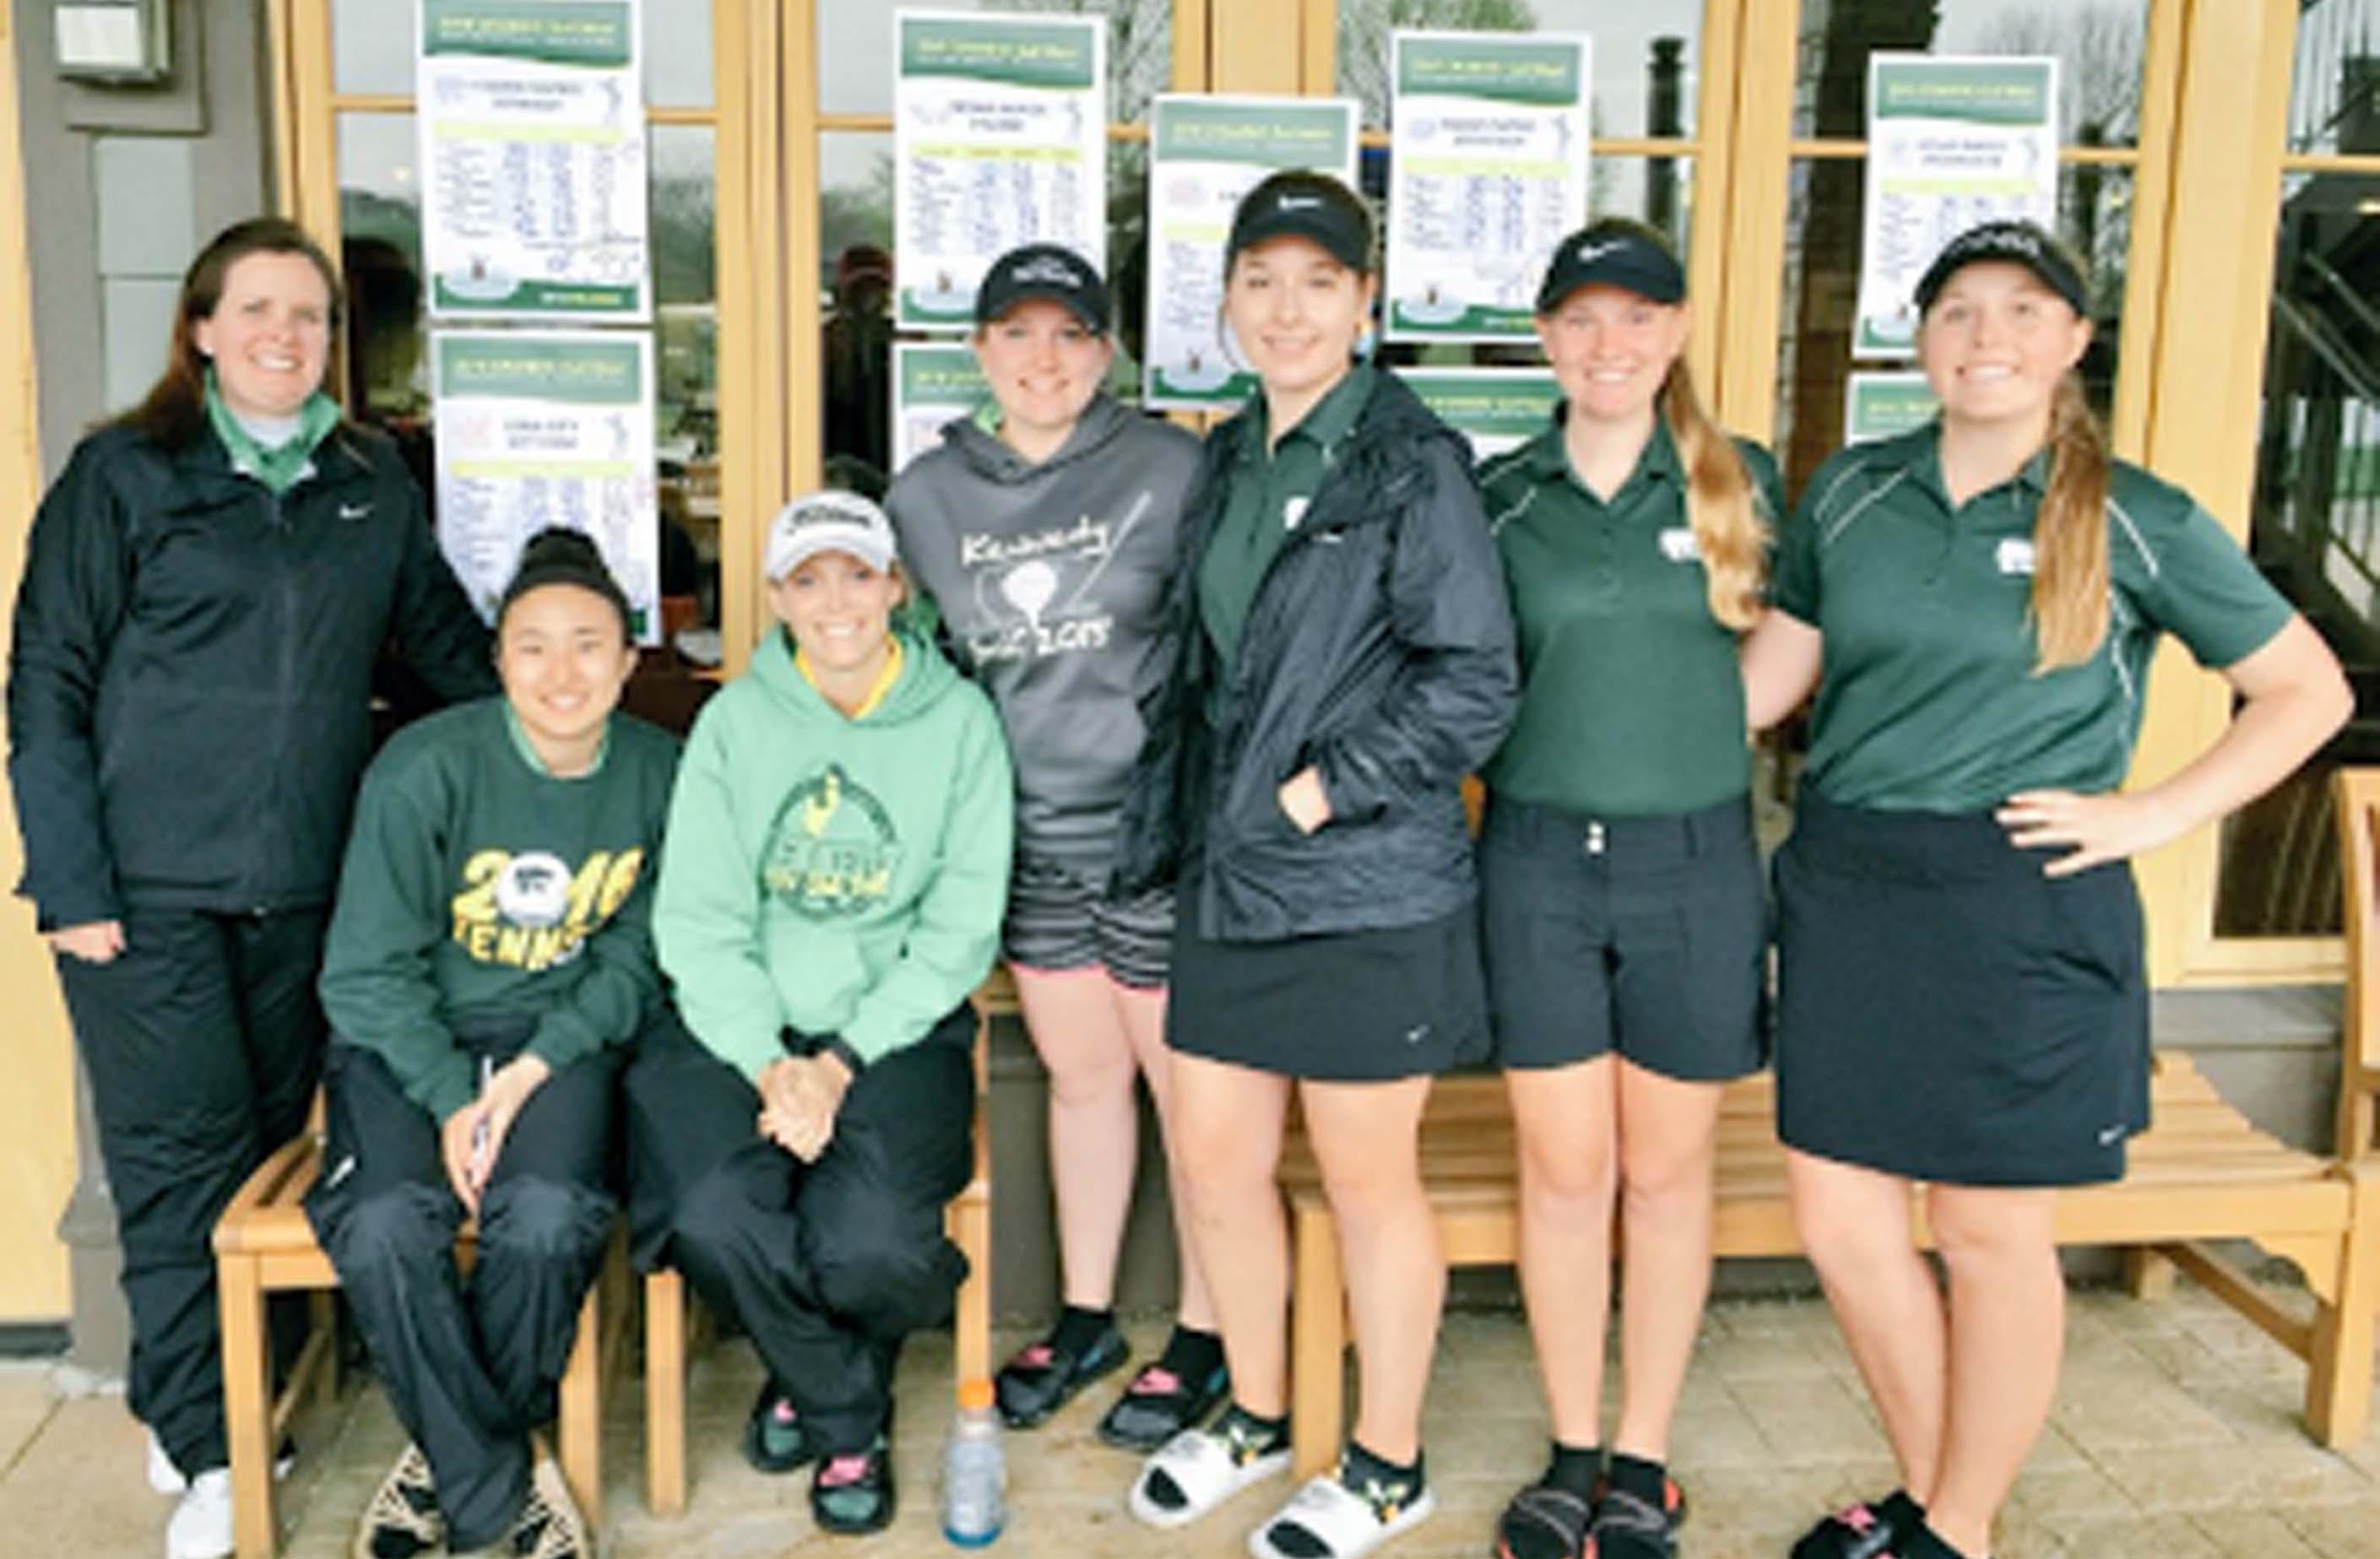 Coach Julie Buerman, Katie Choate, Avery Haefner, Jenna Hauschild, Nicole Decoste, Valarie Davidson, Sierra Hargens.